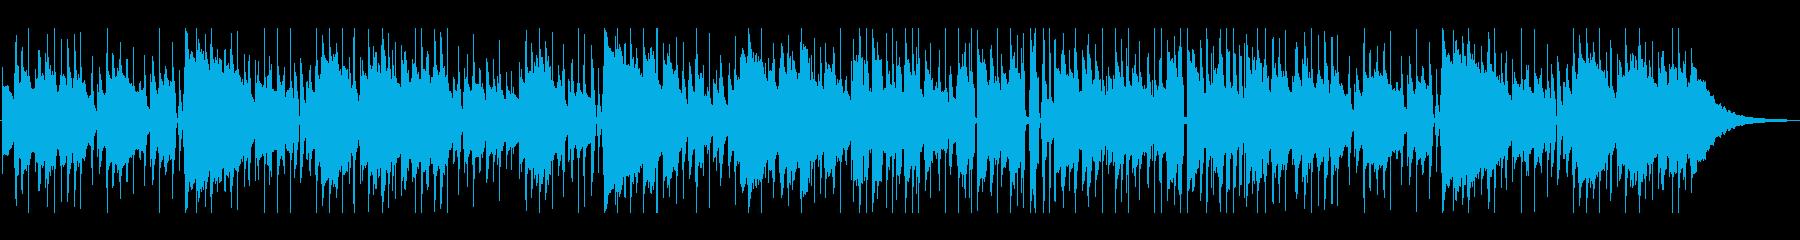 ゆるっとリラックスした雰囲気のBGMの再生済みの波形